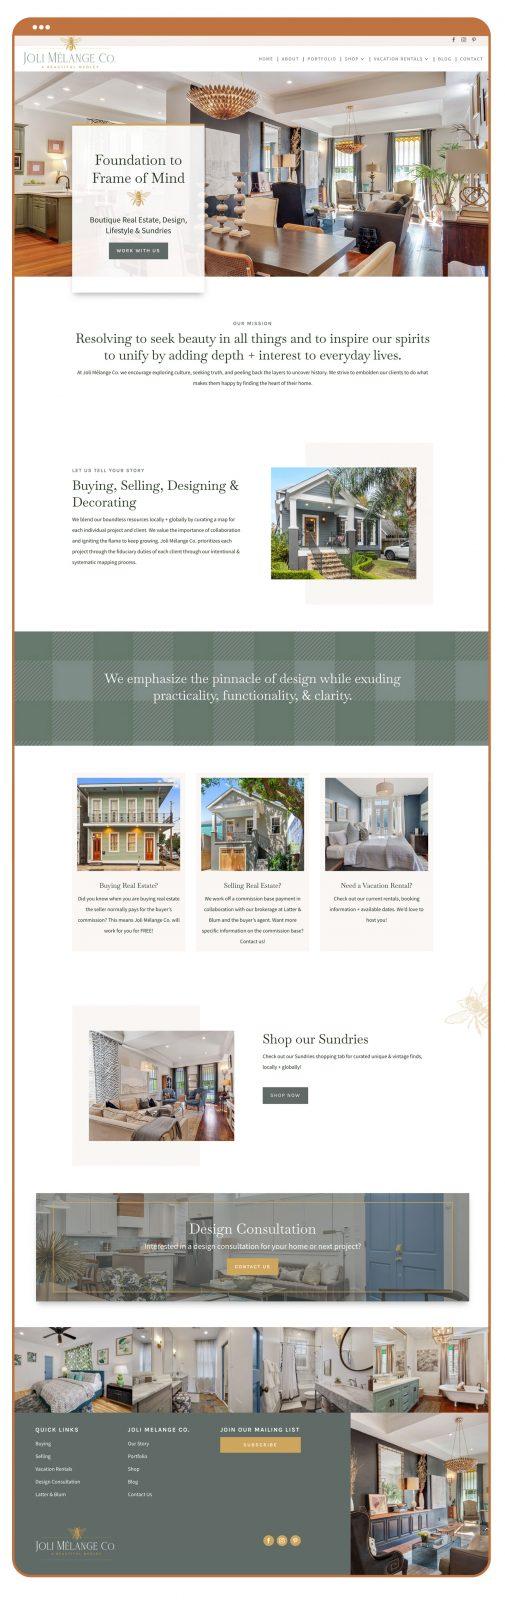 Joli Mélange Co. Website Design